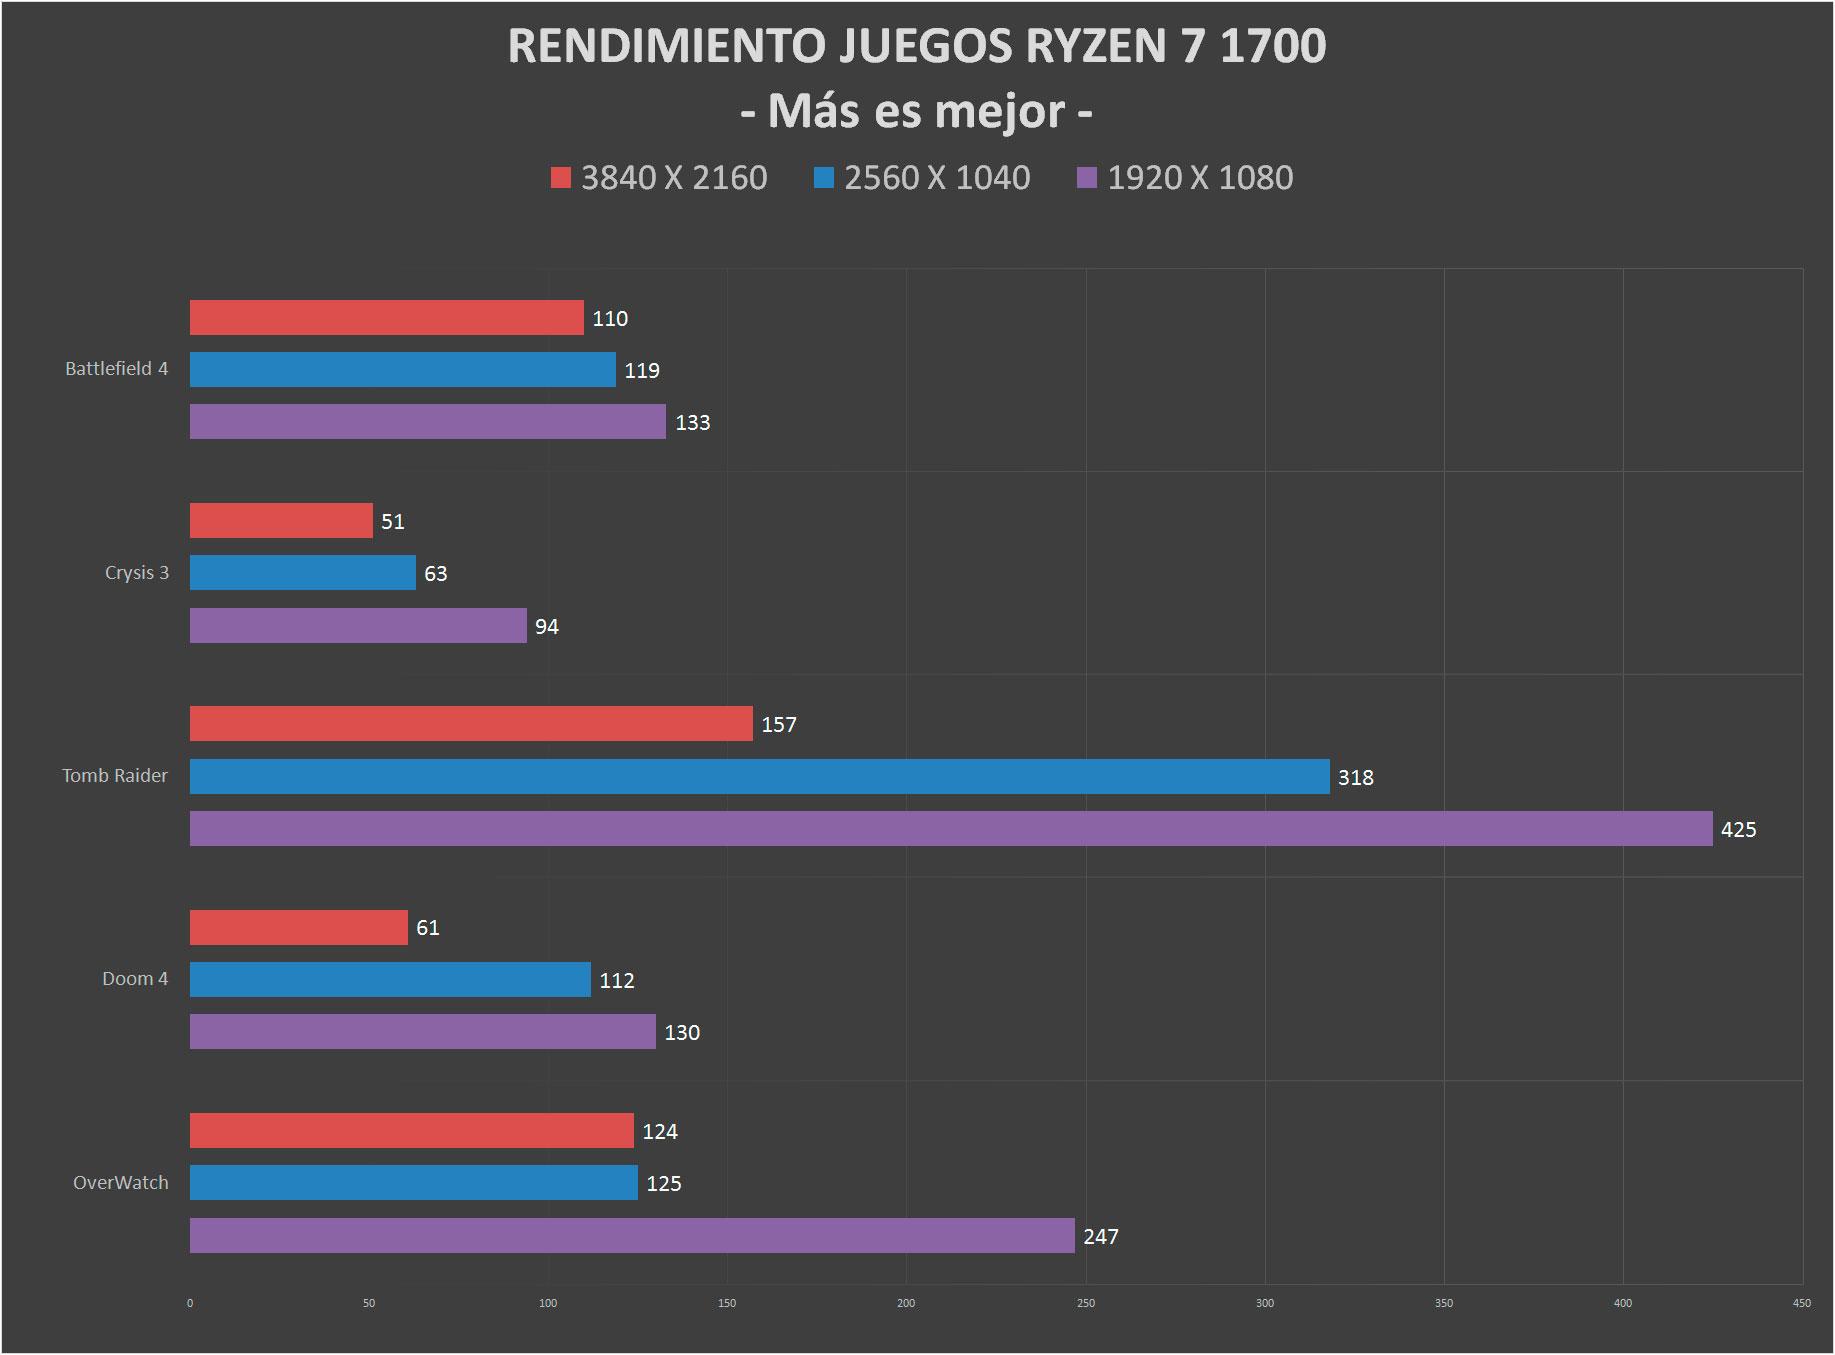 Ryzen 7 1700 Juegos